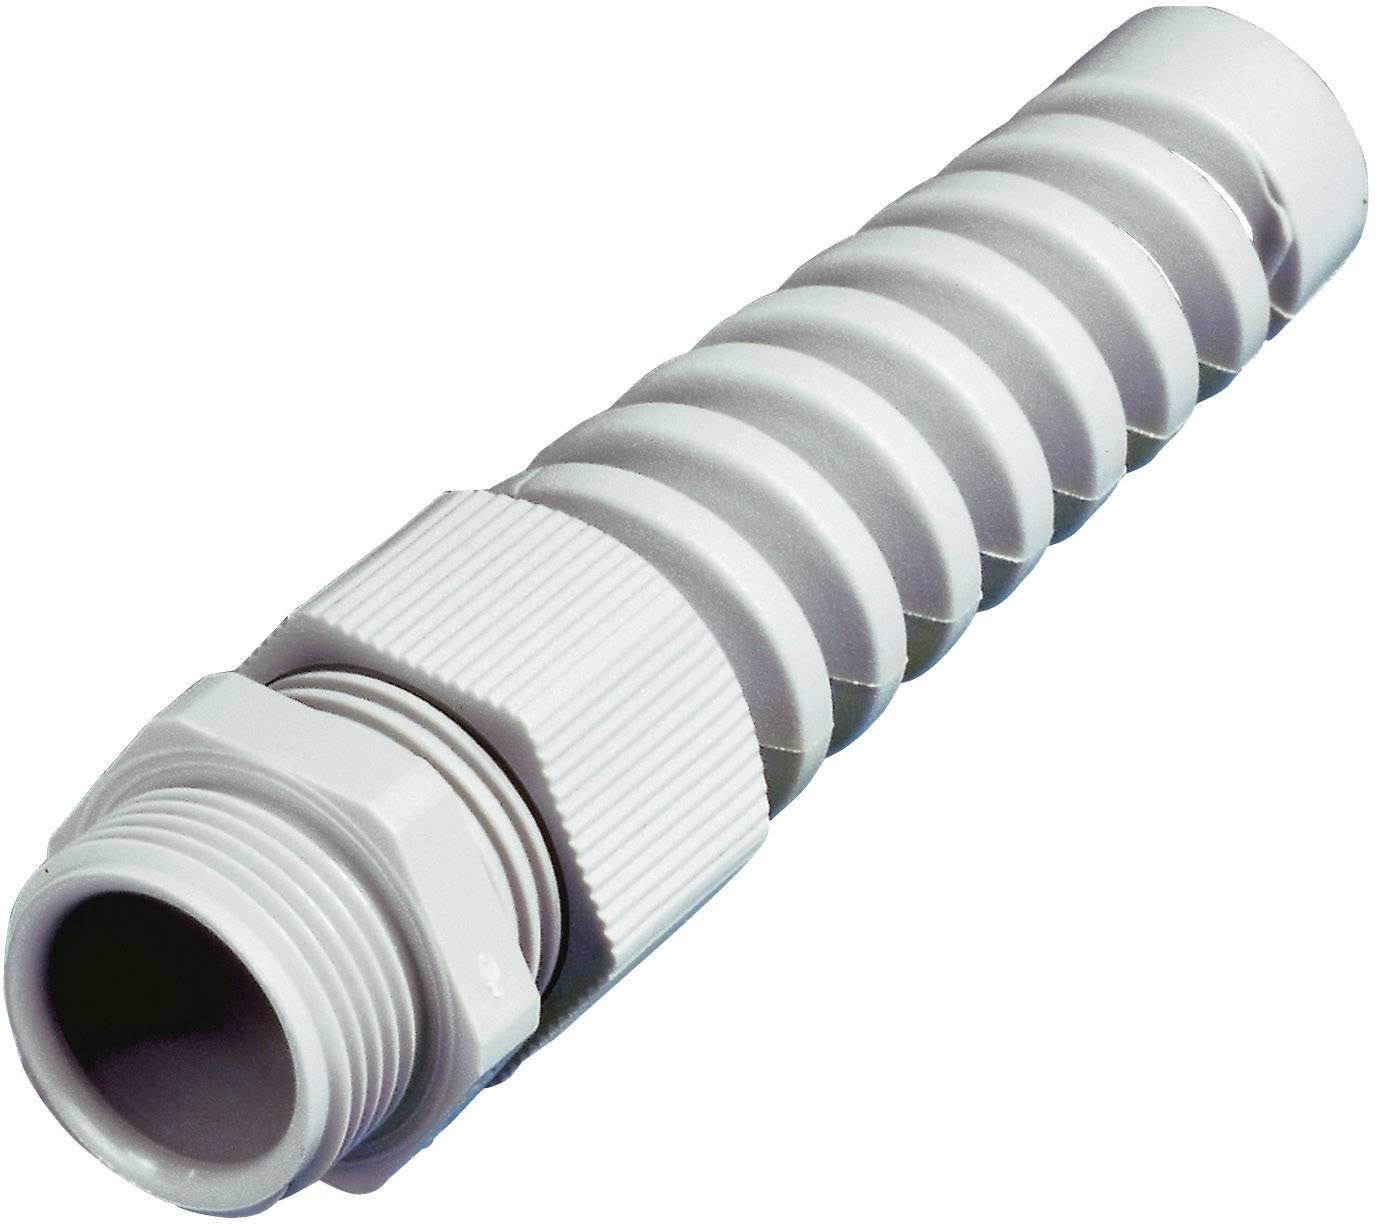 Licht Wiska ESKE//1-i 20 Kabelverschraubung ATEX M20 Polyamid Schwarz RAL 9005